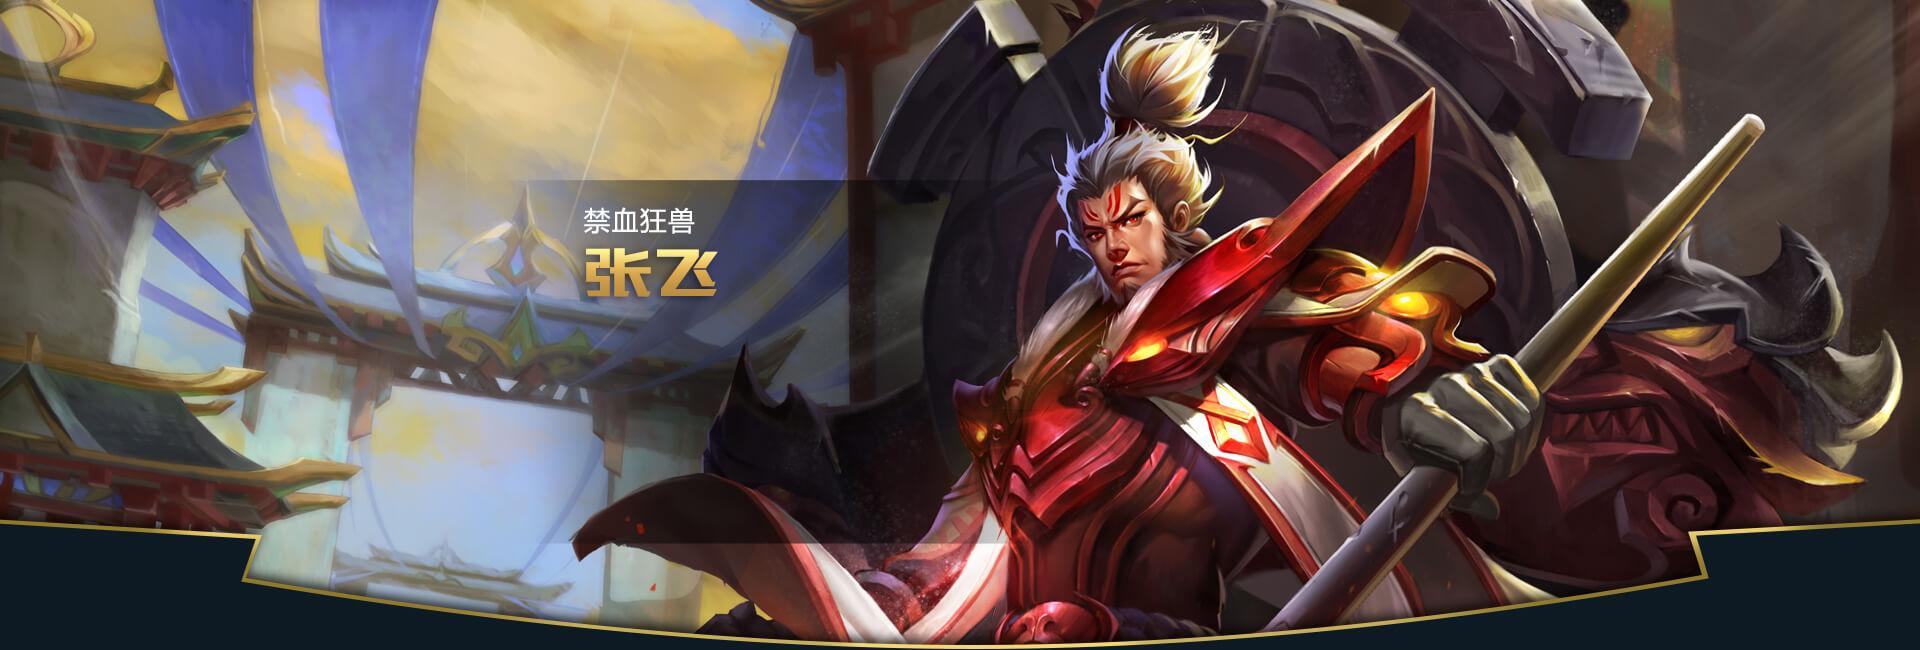 《王者荣耀》是全球首款5v5英雄公平对战手游